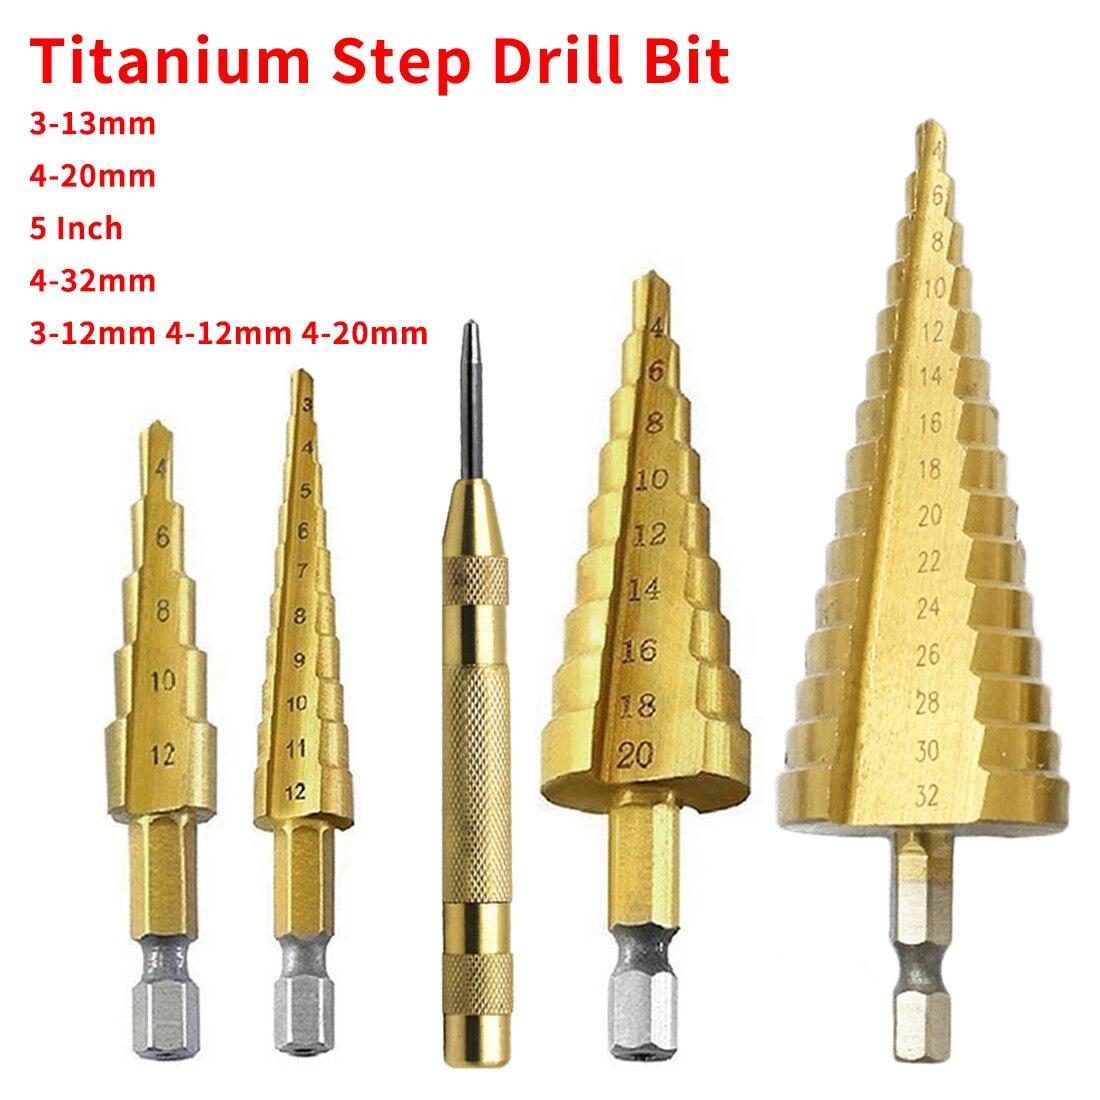 Metal Drill Bit Set 3pcs HSS Steel Titanium Step Drill Bit 3-12mm 4-12mm 4-20mm Step Cone Cutt Tools For Woodworking Wood